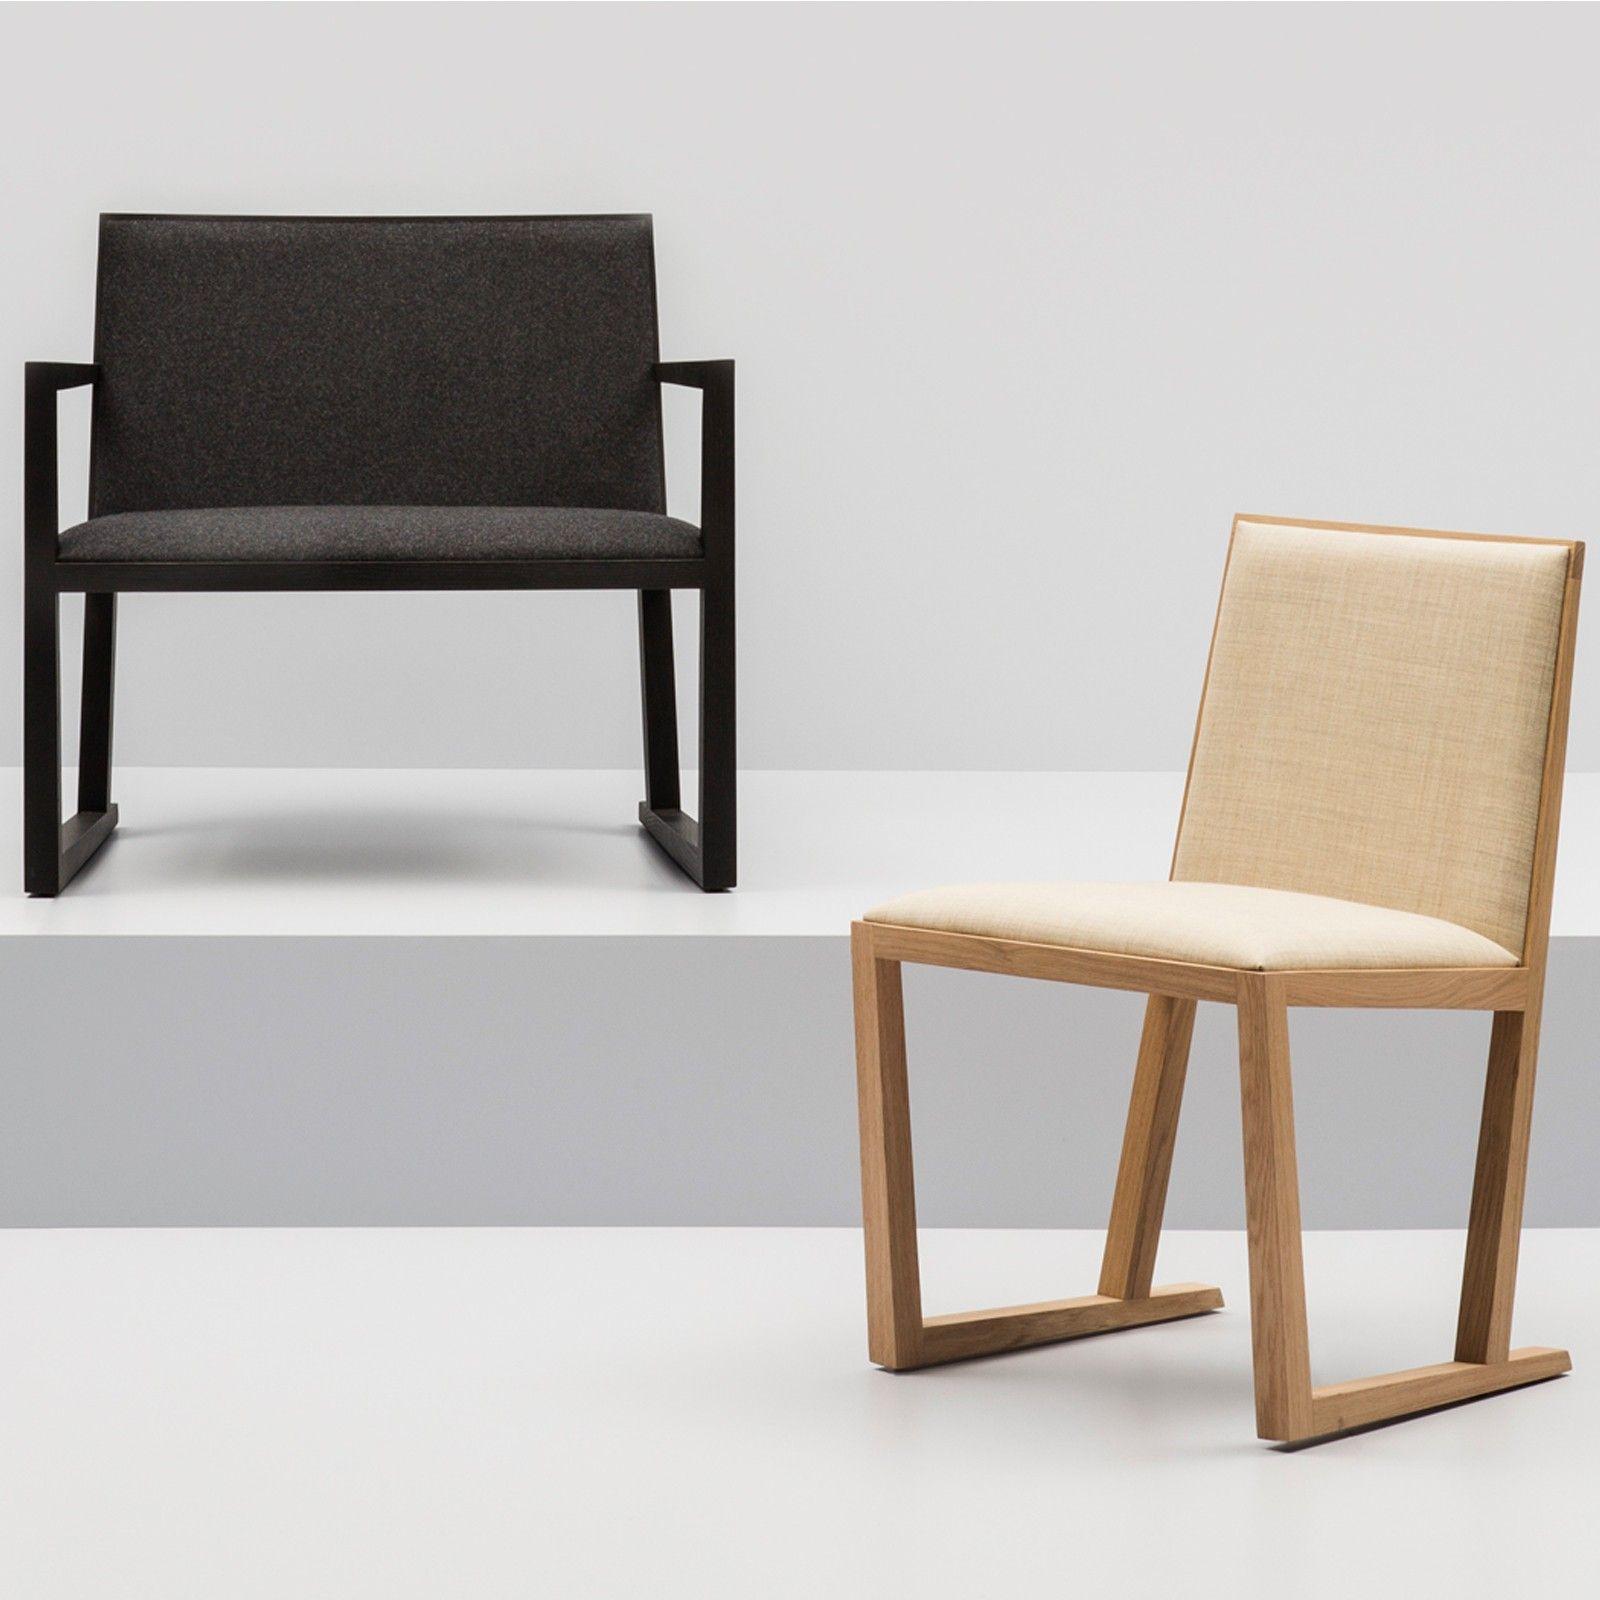 Furniture Ke Zu Furniture Residential And Contract Furniture